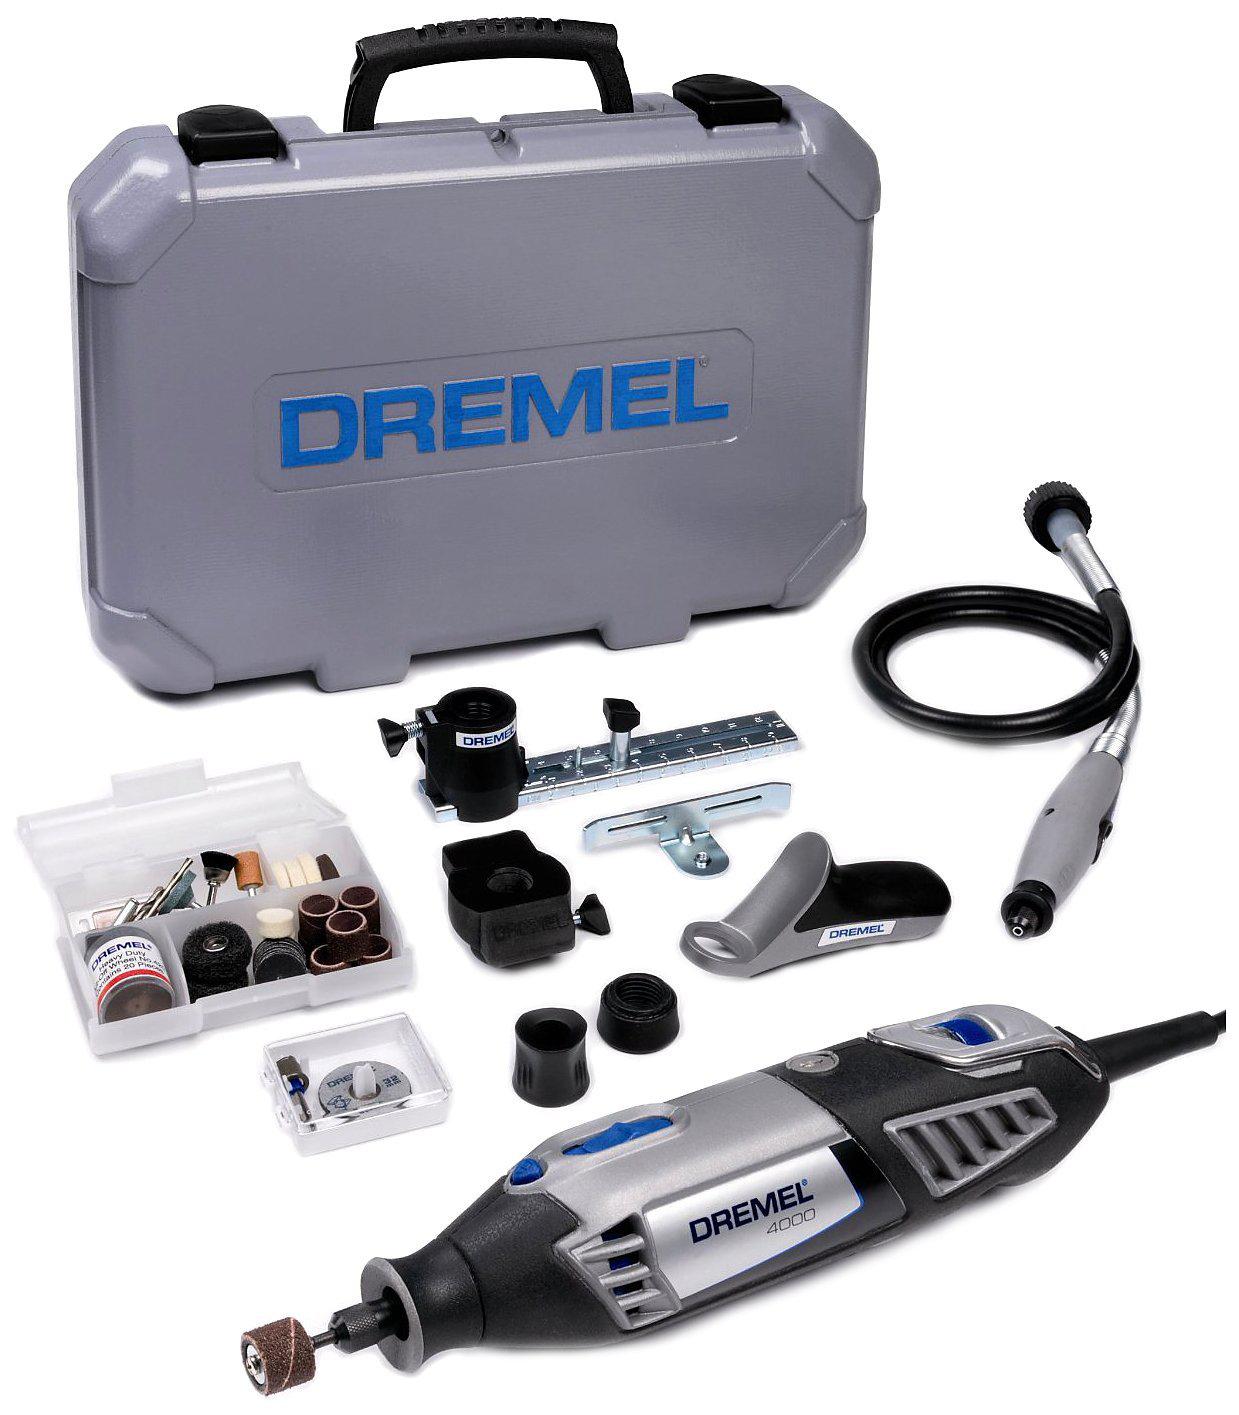 Coffret Dremel 4000 JD avec outil rotatif multifonctions